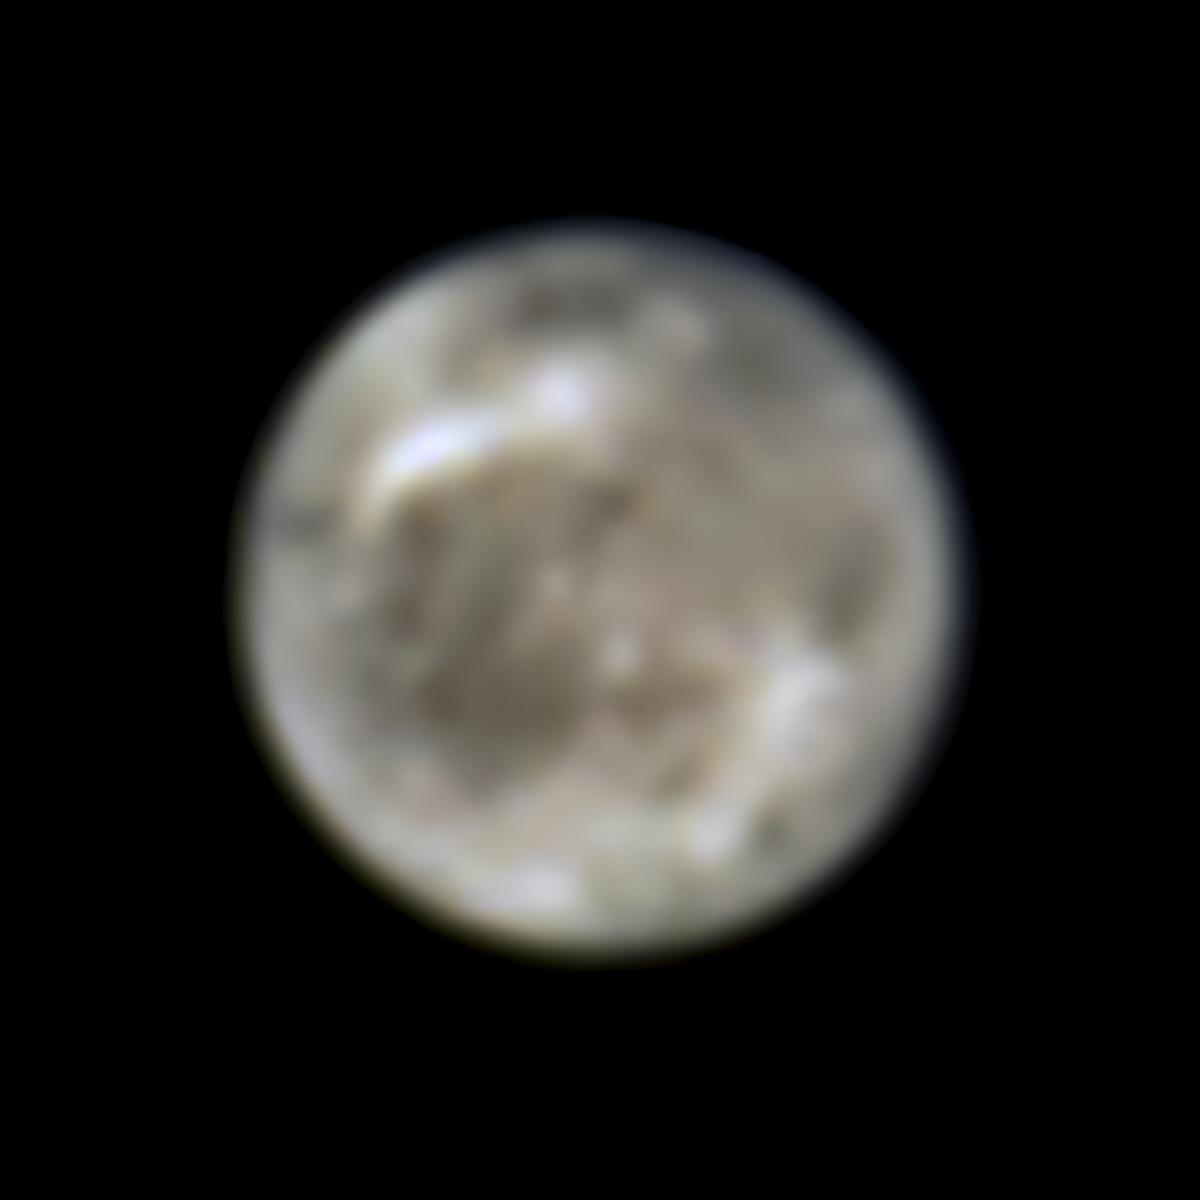 Imagem da lua de Júpiter tirada pelo Hubble em 1996